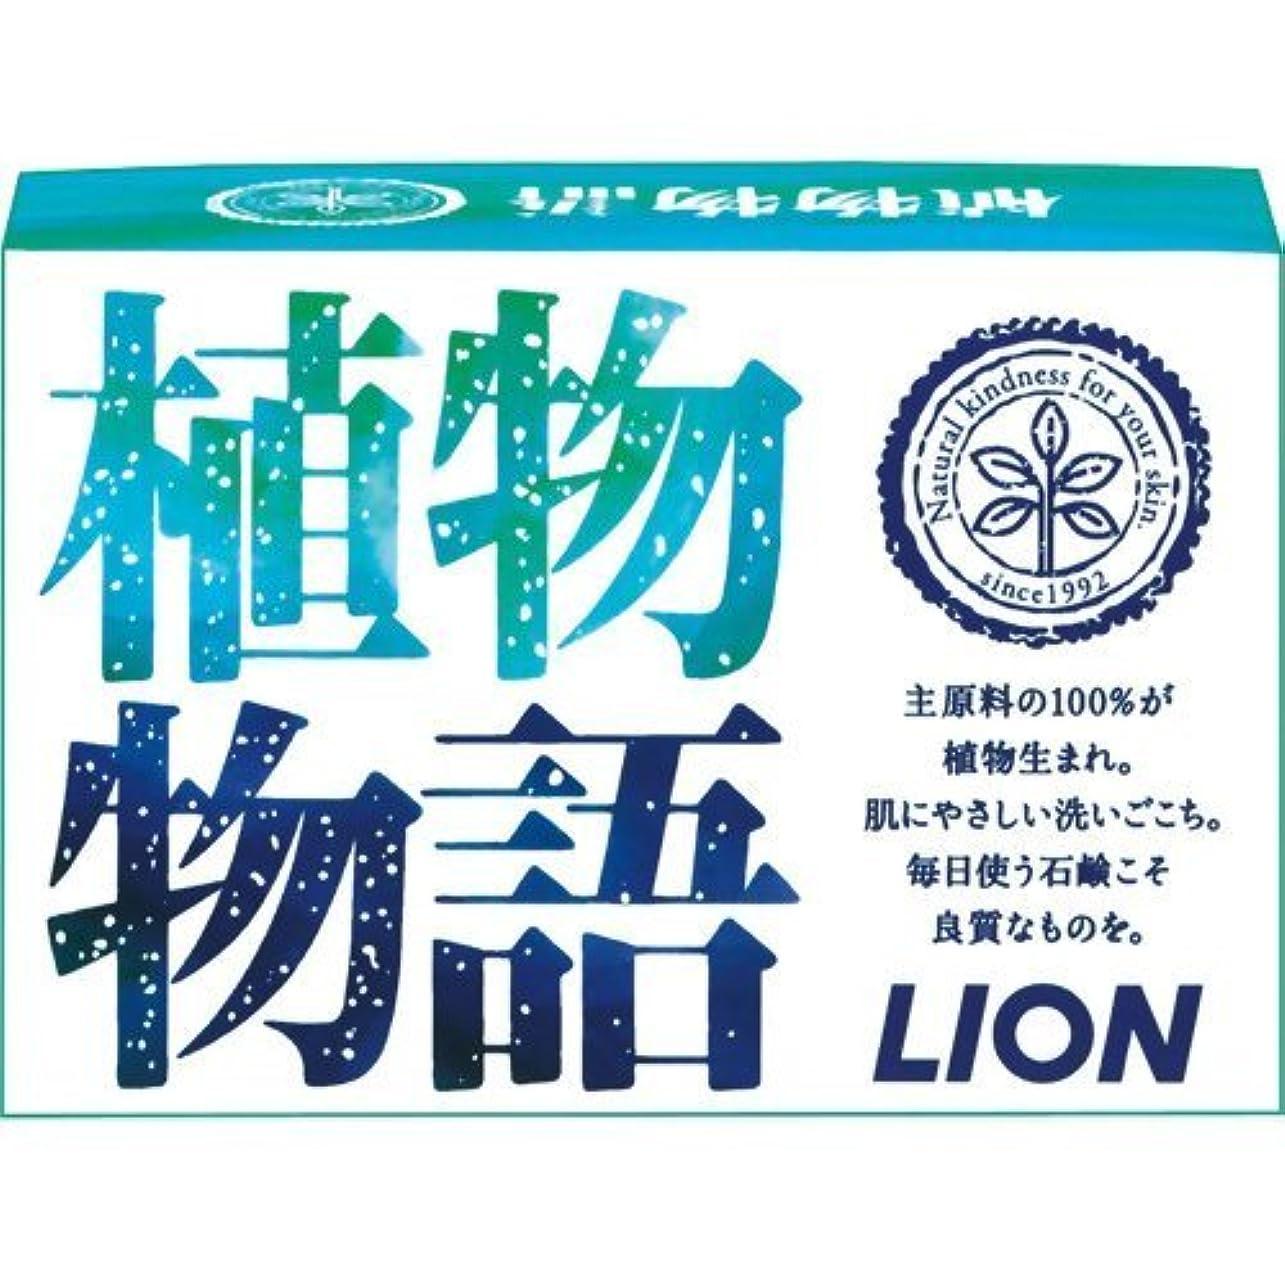 岩不正直漏斗ライオン 植物物語 化粧石鹸  1個